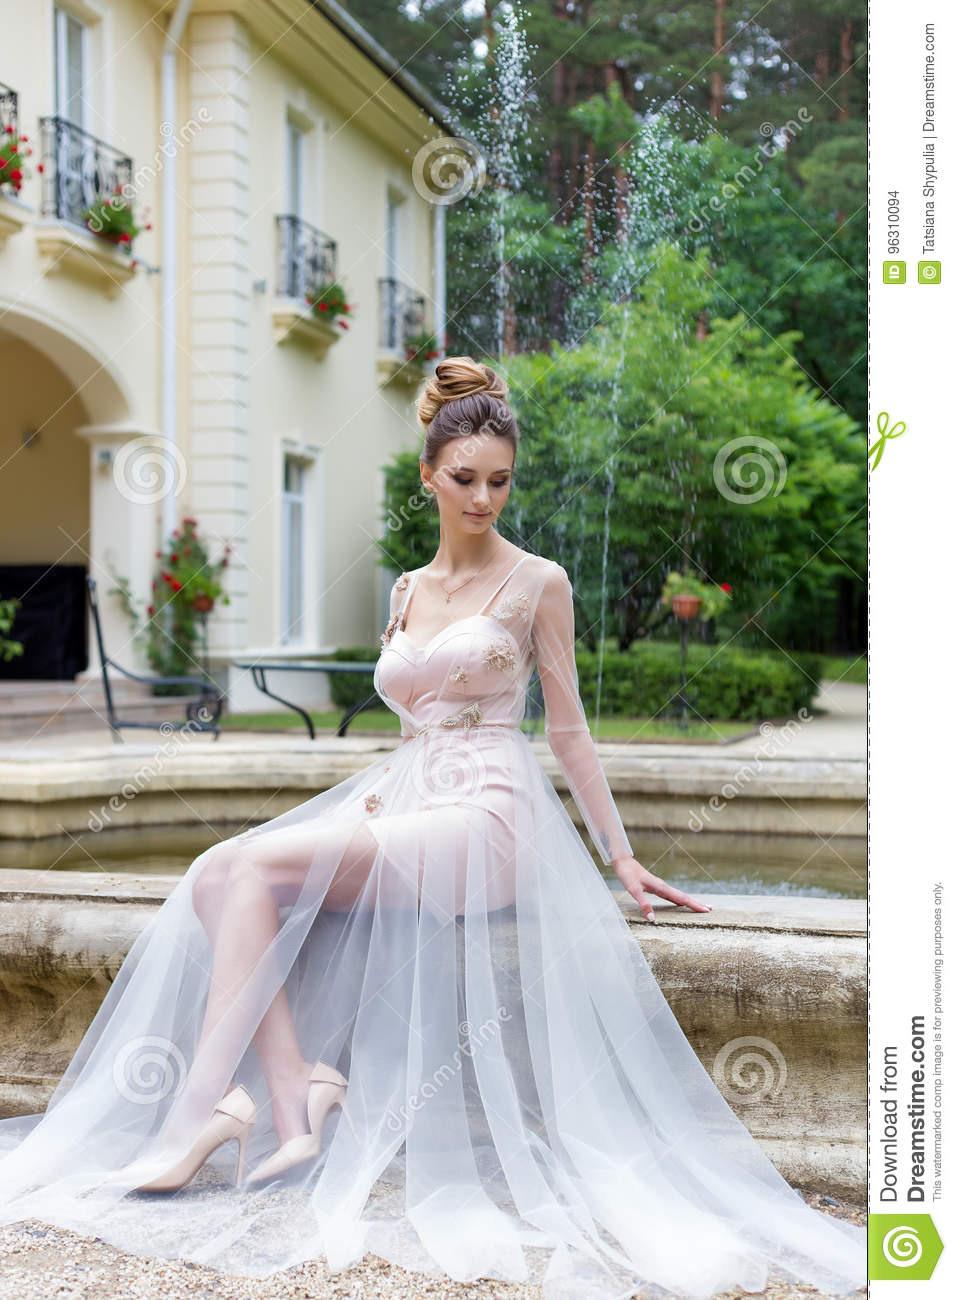 Abend Einzigartig Schönes Abend Kleid BoutiqueFormal Genial Schönes Abend Kleid Design